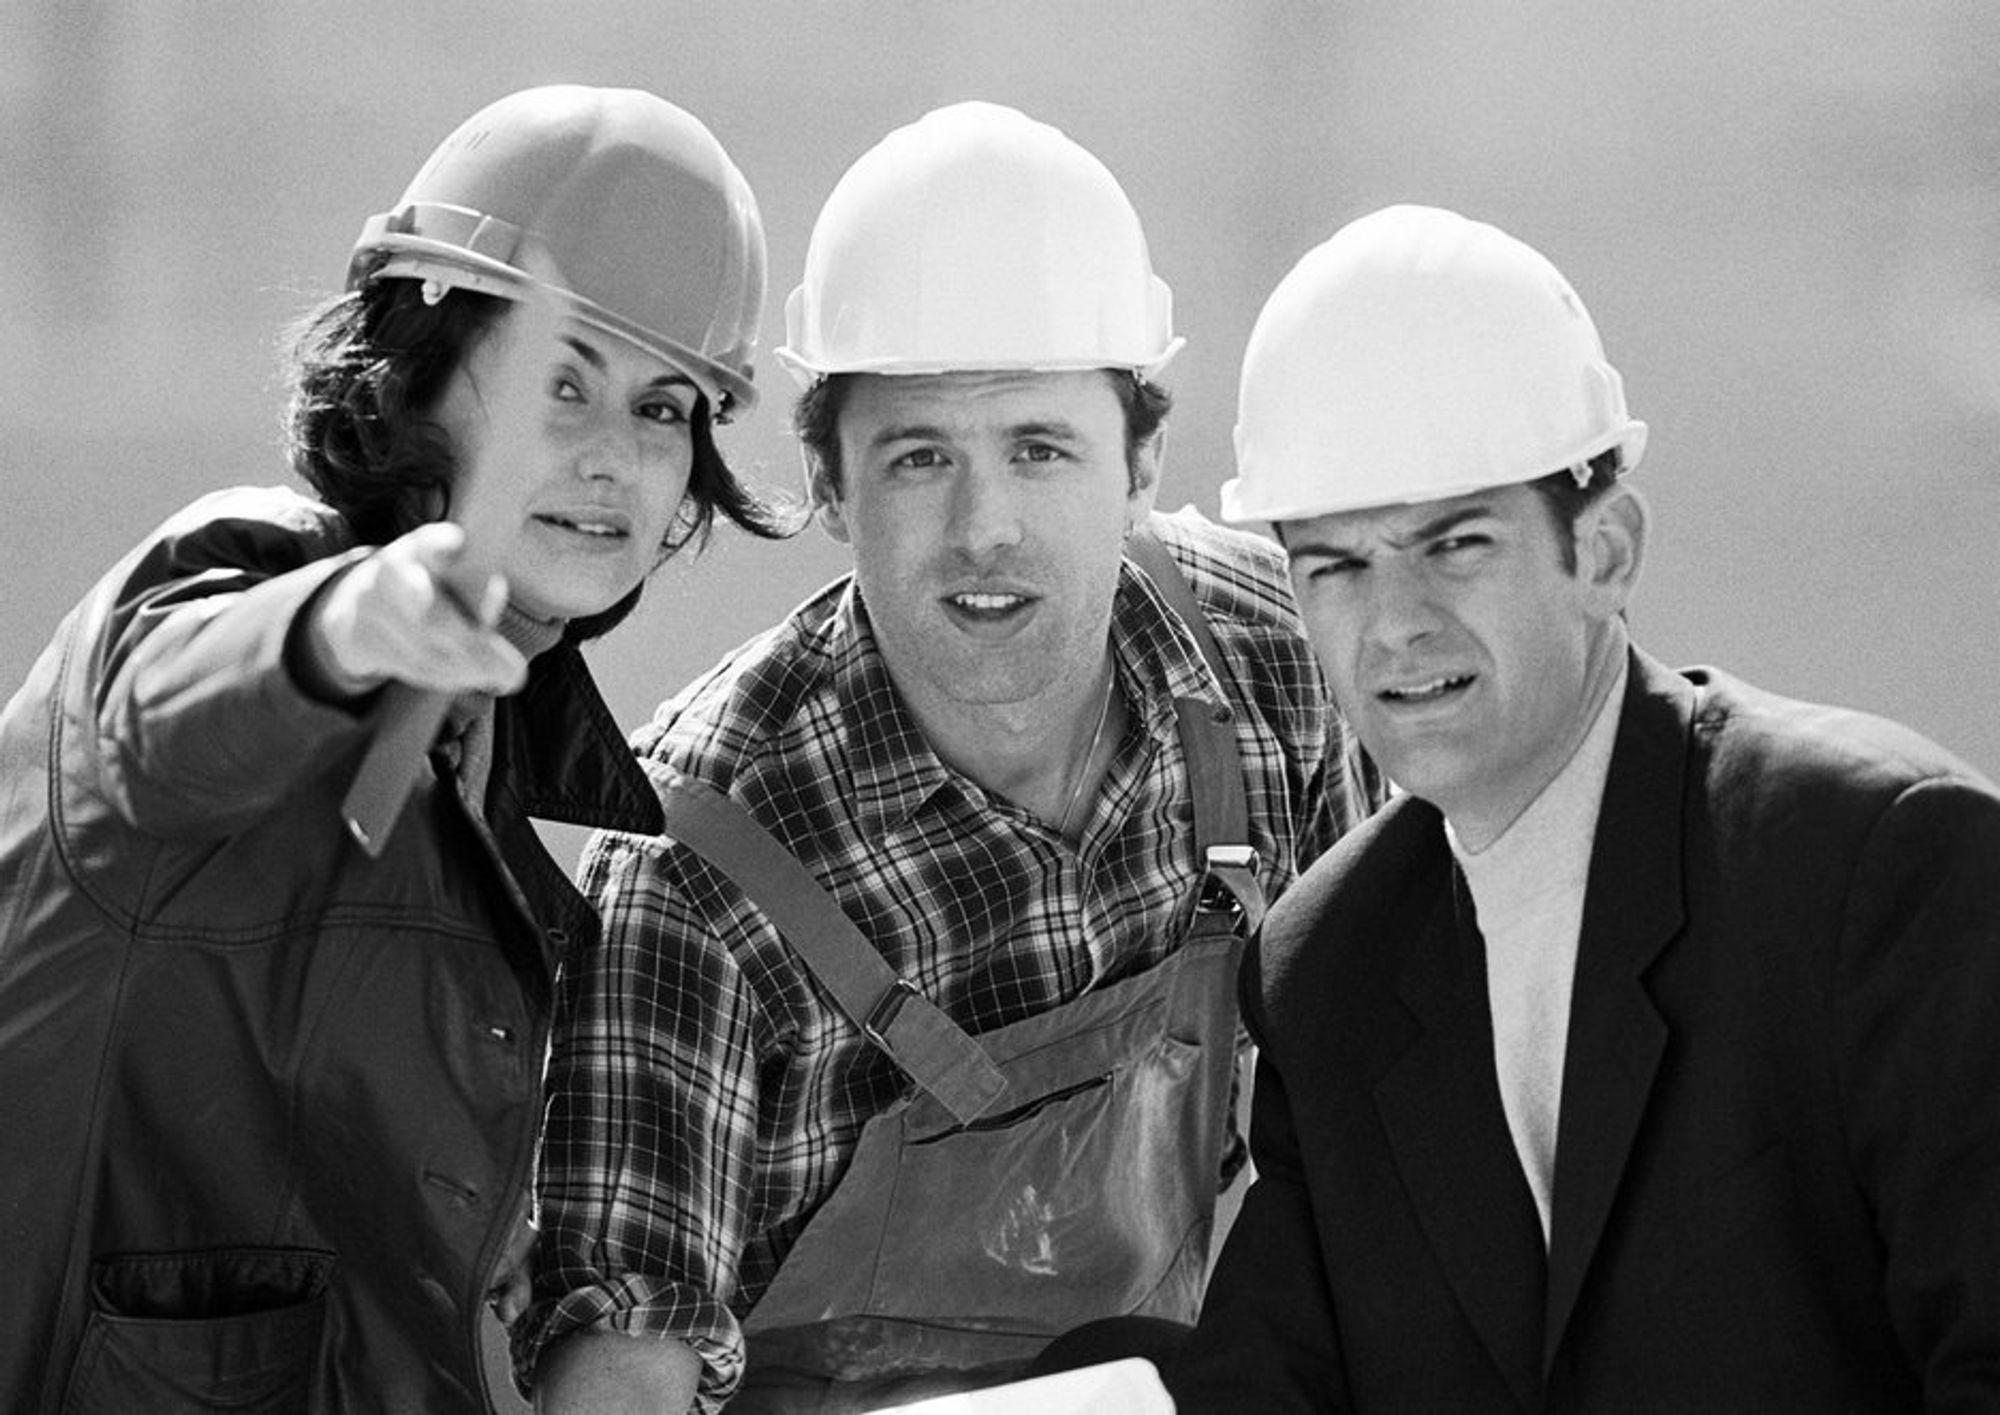 I byggebransjen er det nå kvinnene som tjener best. De har nå i snitt 6000 kroner mer i årslønn enn menn.